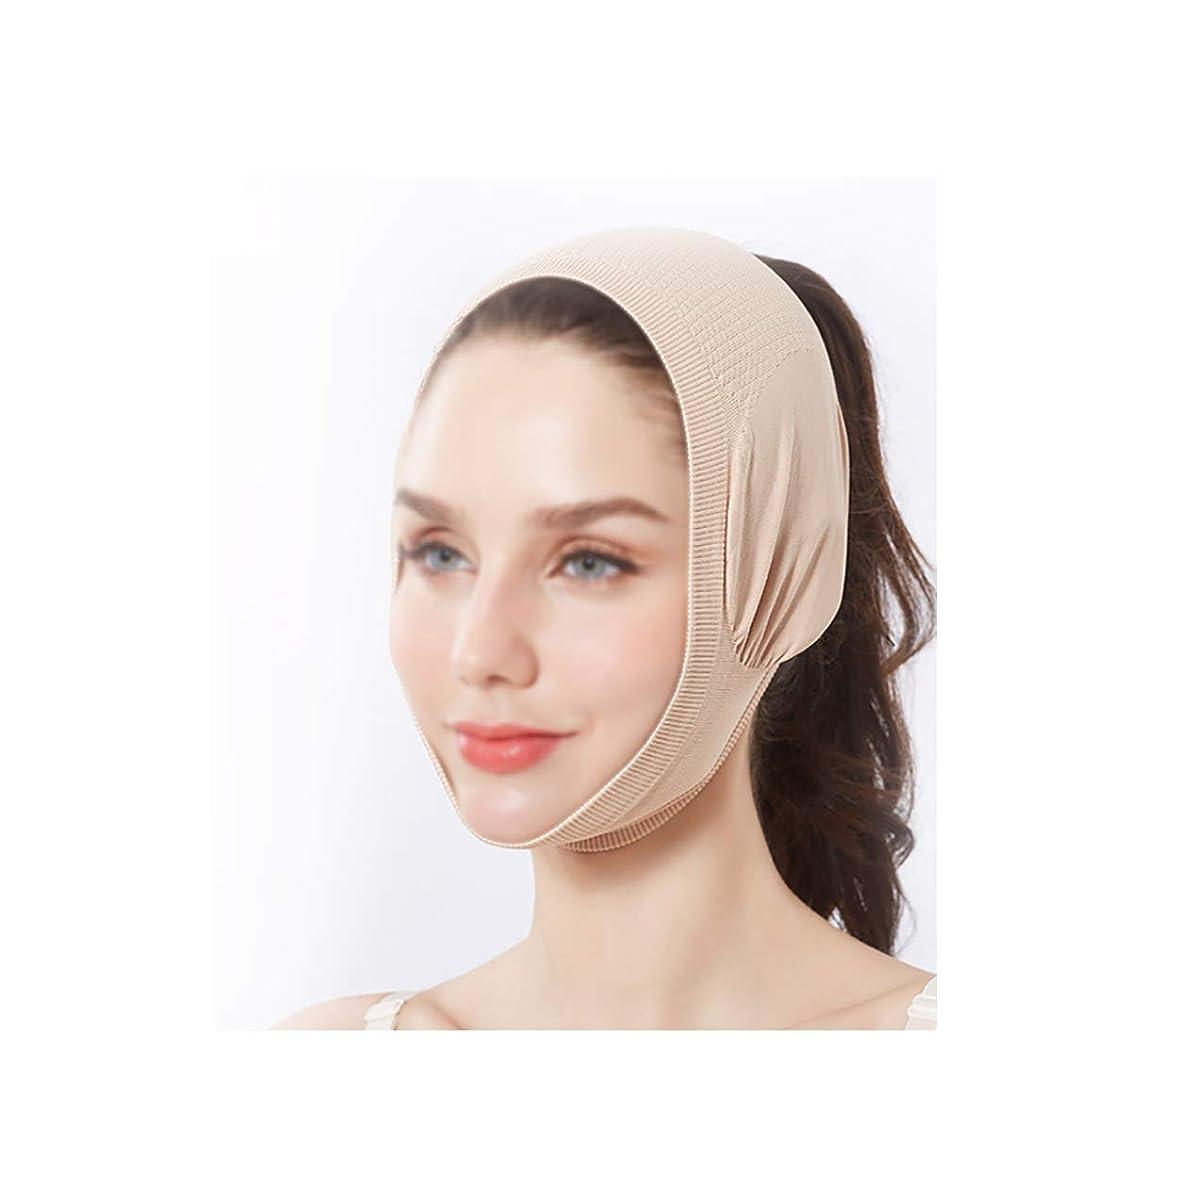 分子シリング驚くばかりTLMY フェイスリフトマスクマスクエクステンション強度フェースレス包帯フェイシャルラージVライン彫刻フェイシャルバックカバーネックバンド 顔用整形マスク (Color : Skin tone)